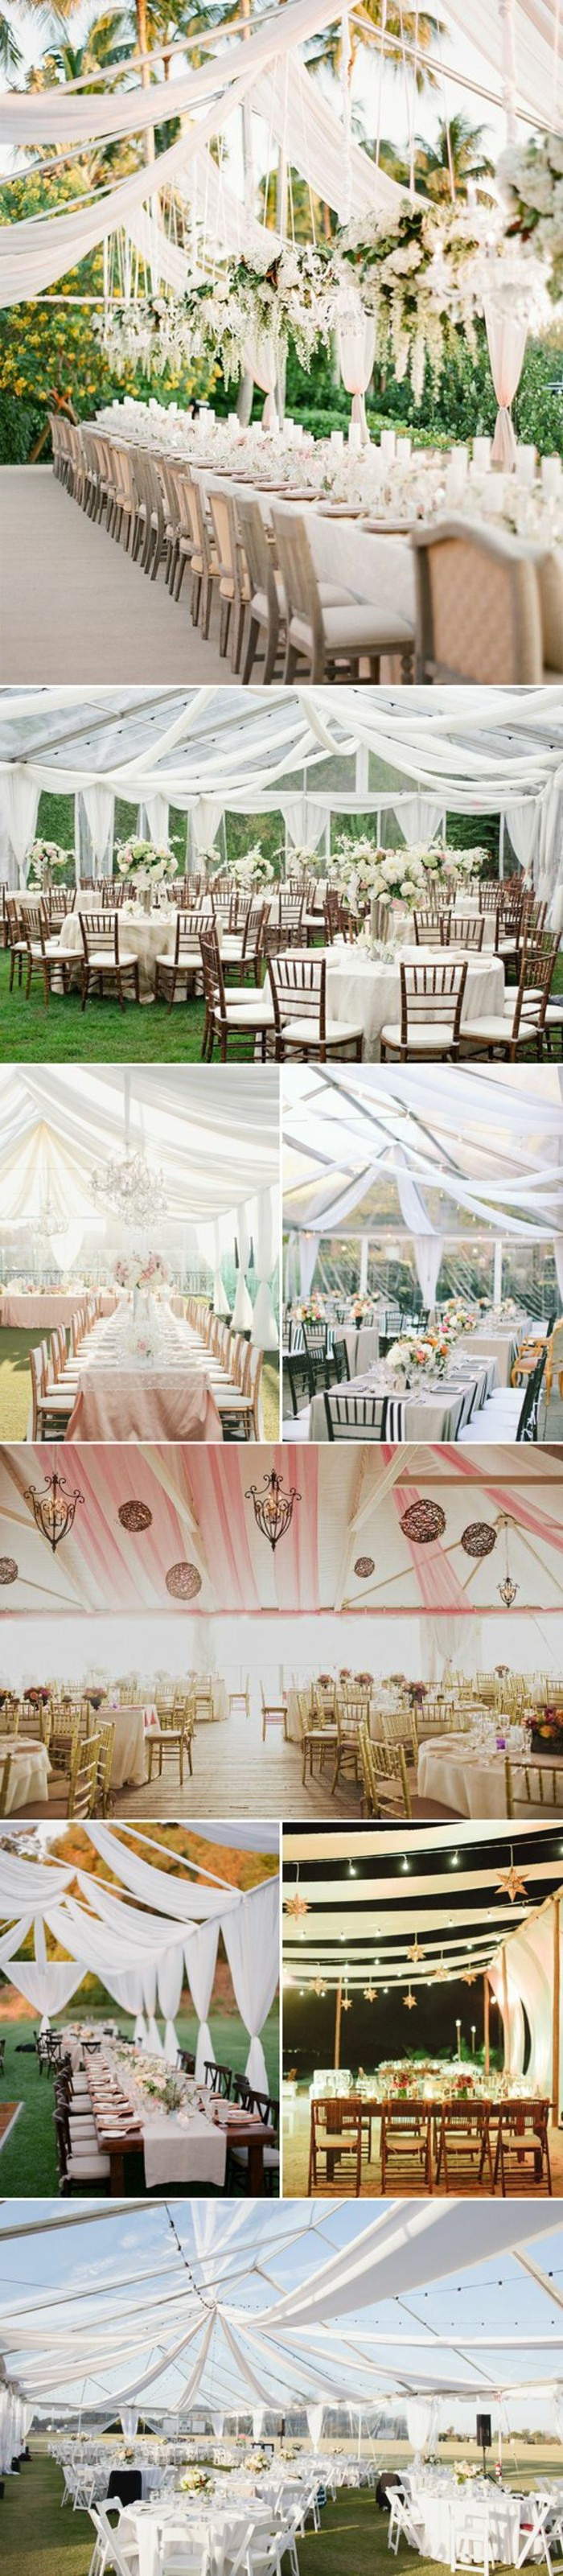 00-drape-plafond-mariage-comment-poser-le-drape-sur-le-plafond-dans-la-salle-de-mariage